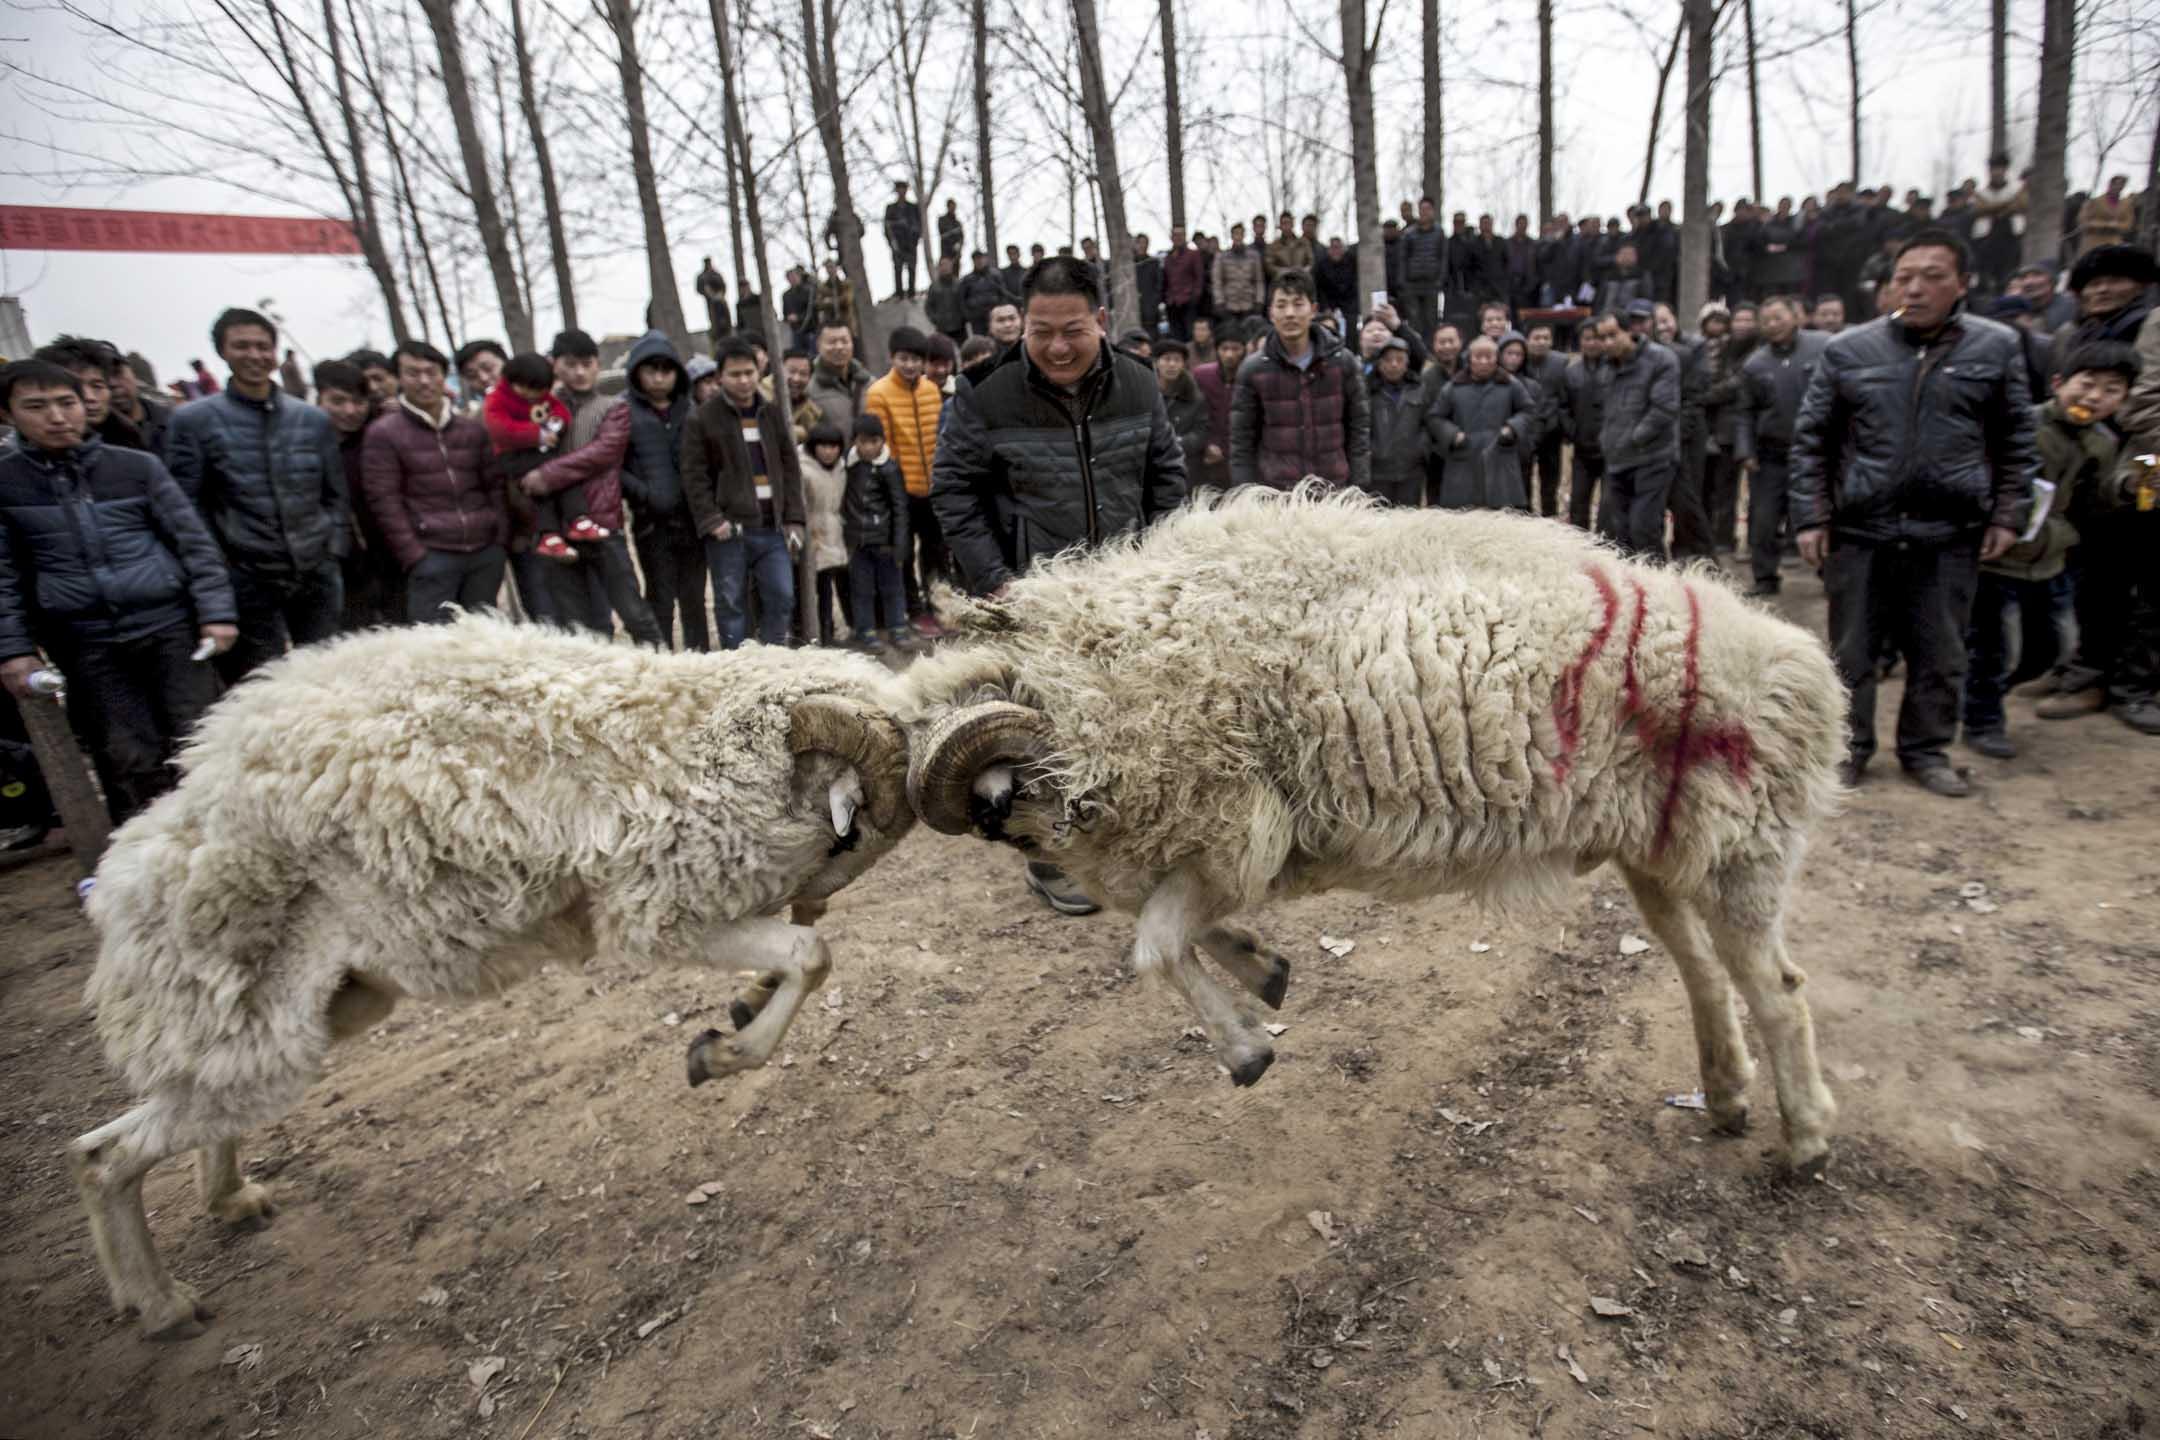 「薅羊毛,你以為是躺在床上賺錢,但其實眼睛一刻都不敢閉上。」這句話堪稱羊毛黨人的座右銘。這群人立志「只薅最好的,不買最貴的」,目標「吃幹榨盡這人間」。圖為人們觀看小羊決鬥。 攝:Feature China / Barcroft Media via Getty Images